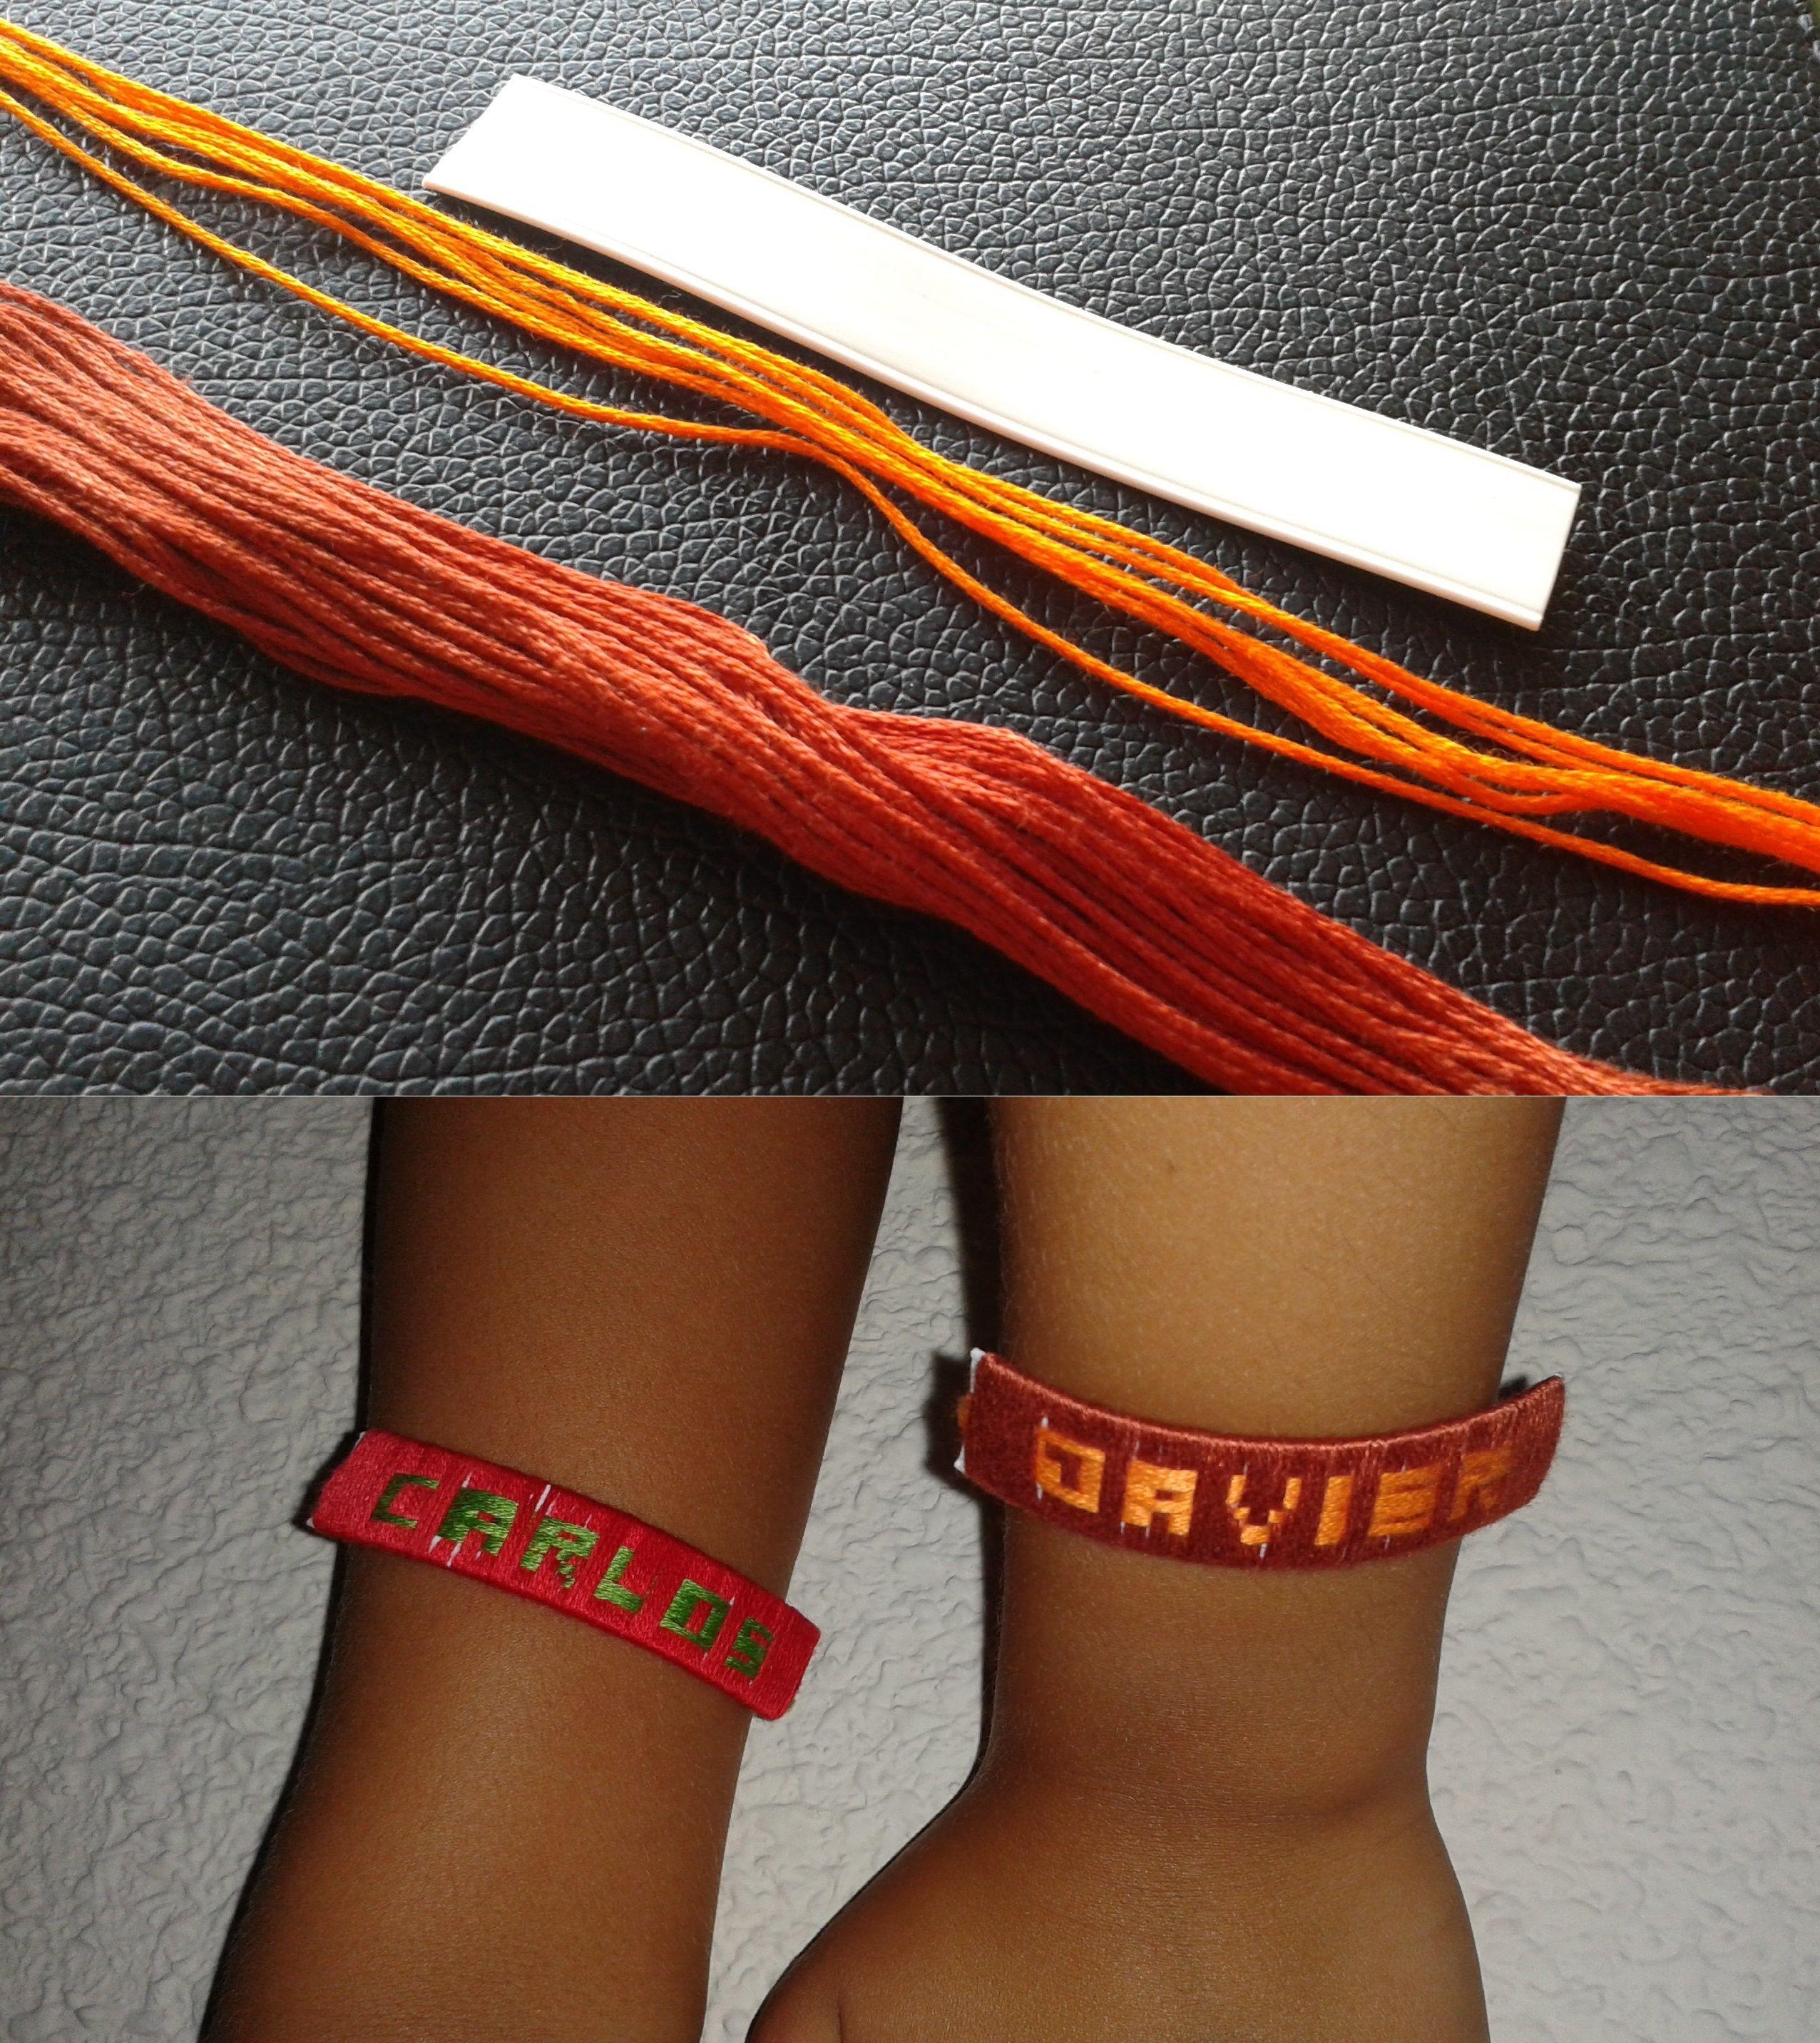 Pulseras de hilo con nombre: plástico de 10 cm de largo, 6 cordones de 30 cm para las letras, cordón de otro color para la base, plantilla de letras 6x6. Al comienzo 15 pasadas y entre cada letra 3 pasadas.